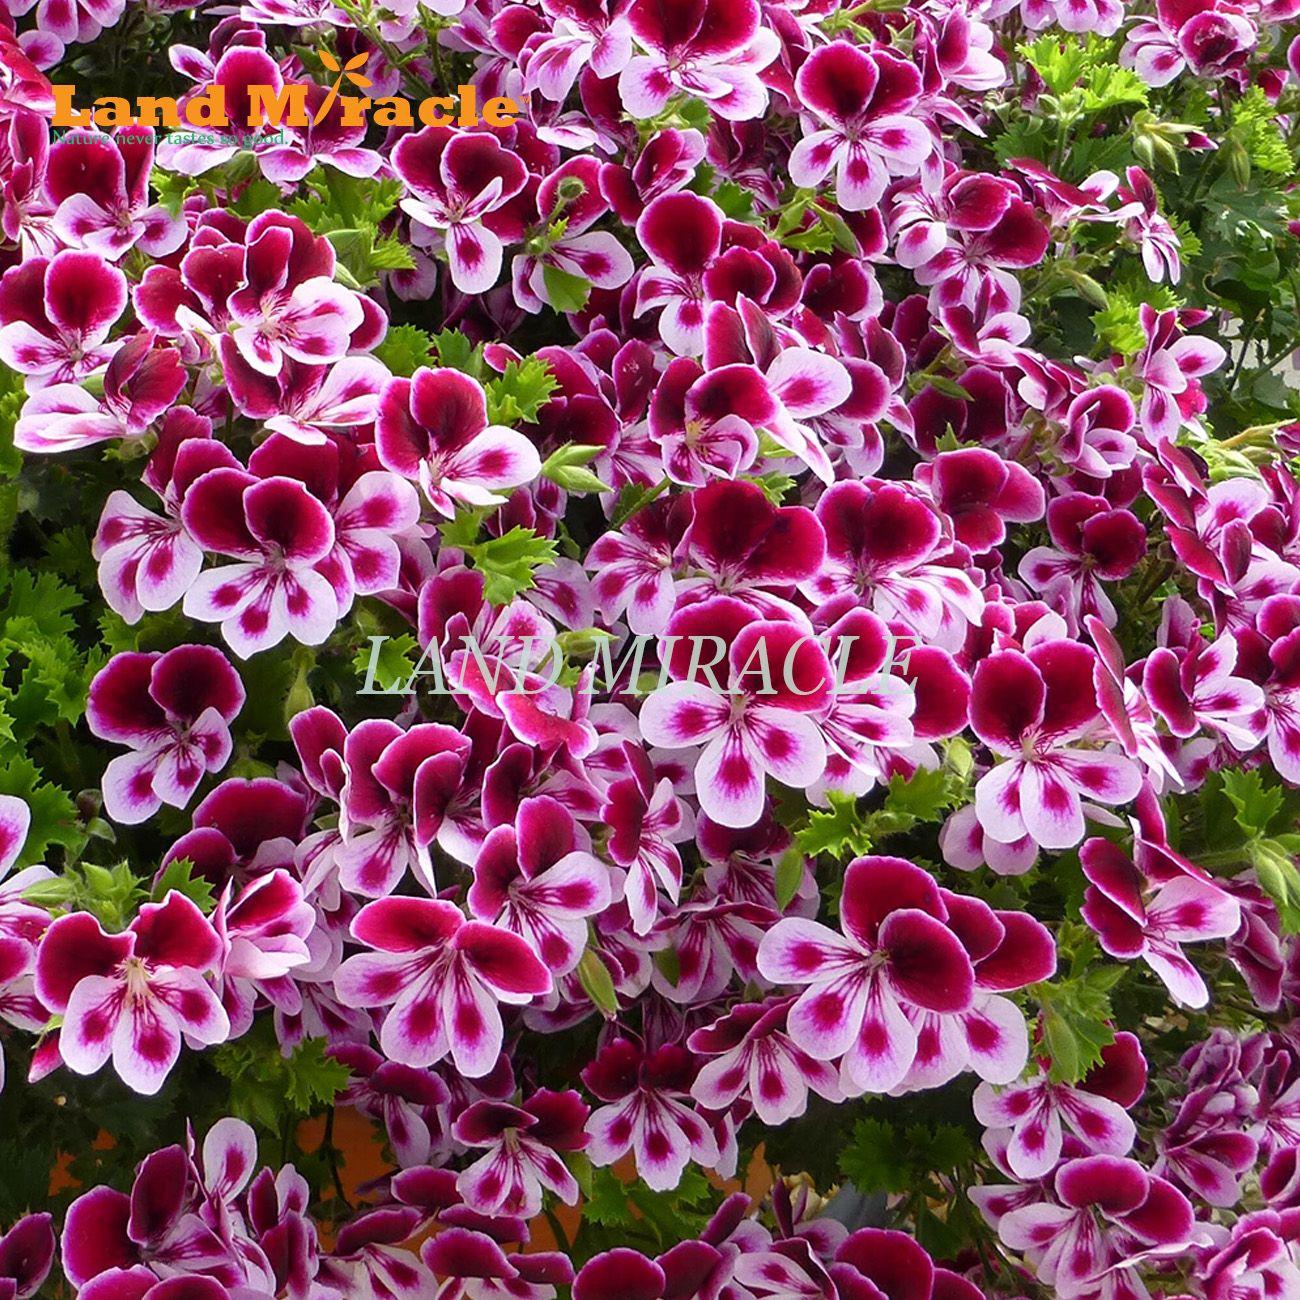 Fiori Da Vaso Perenni acquista semi di geranio misto raro bicolore, 5 semi, pelargonium pianta  perenne in vaso fiori giardino interno / esterno a 3,59 € dal landmiracle |